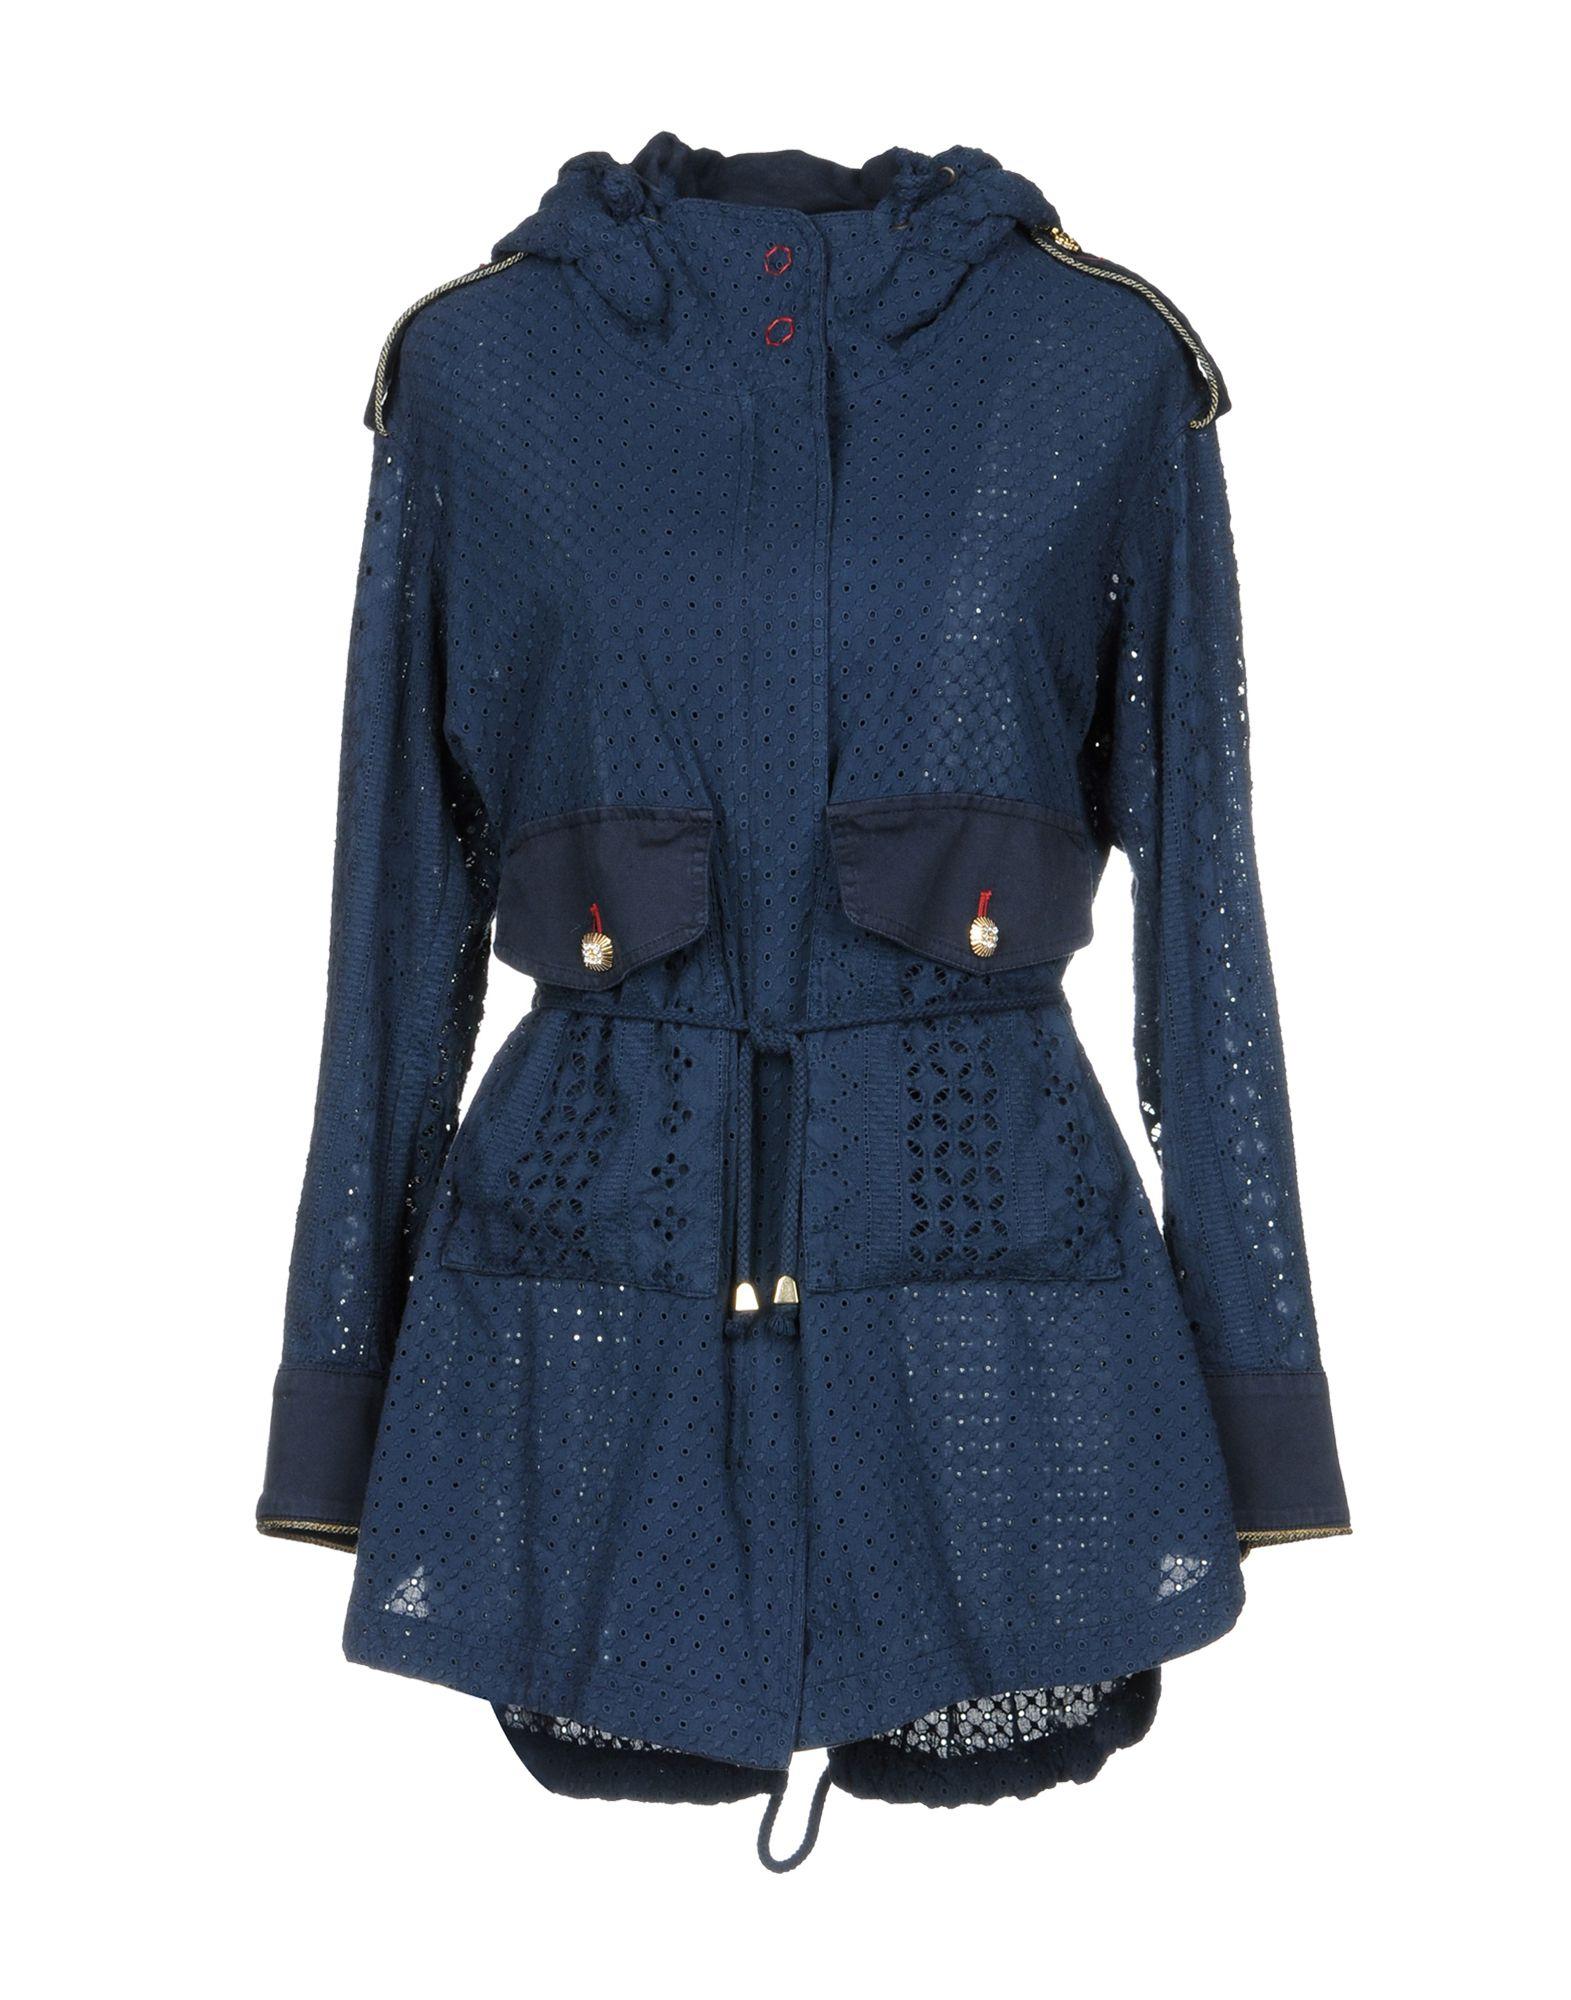 Фото - PROJECT -- [FOCE] -- SINGLESEASON -- Куртка project [foce] singleseason куртка